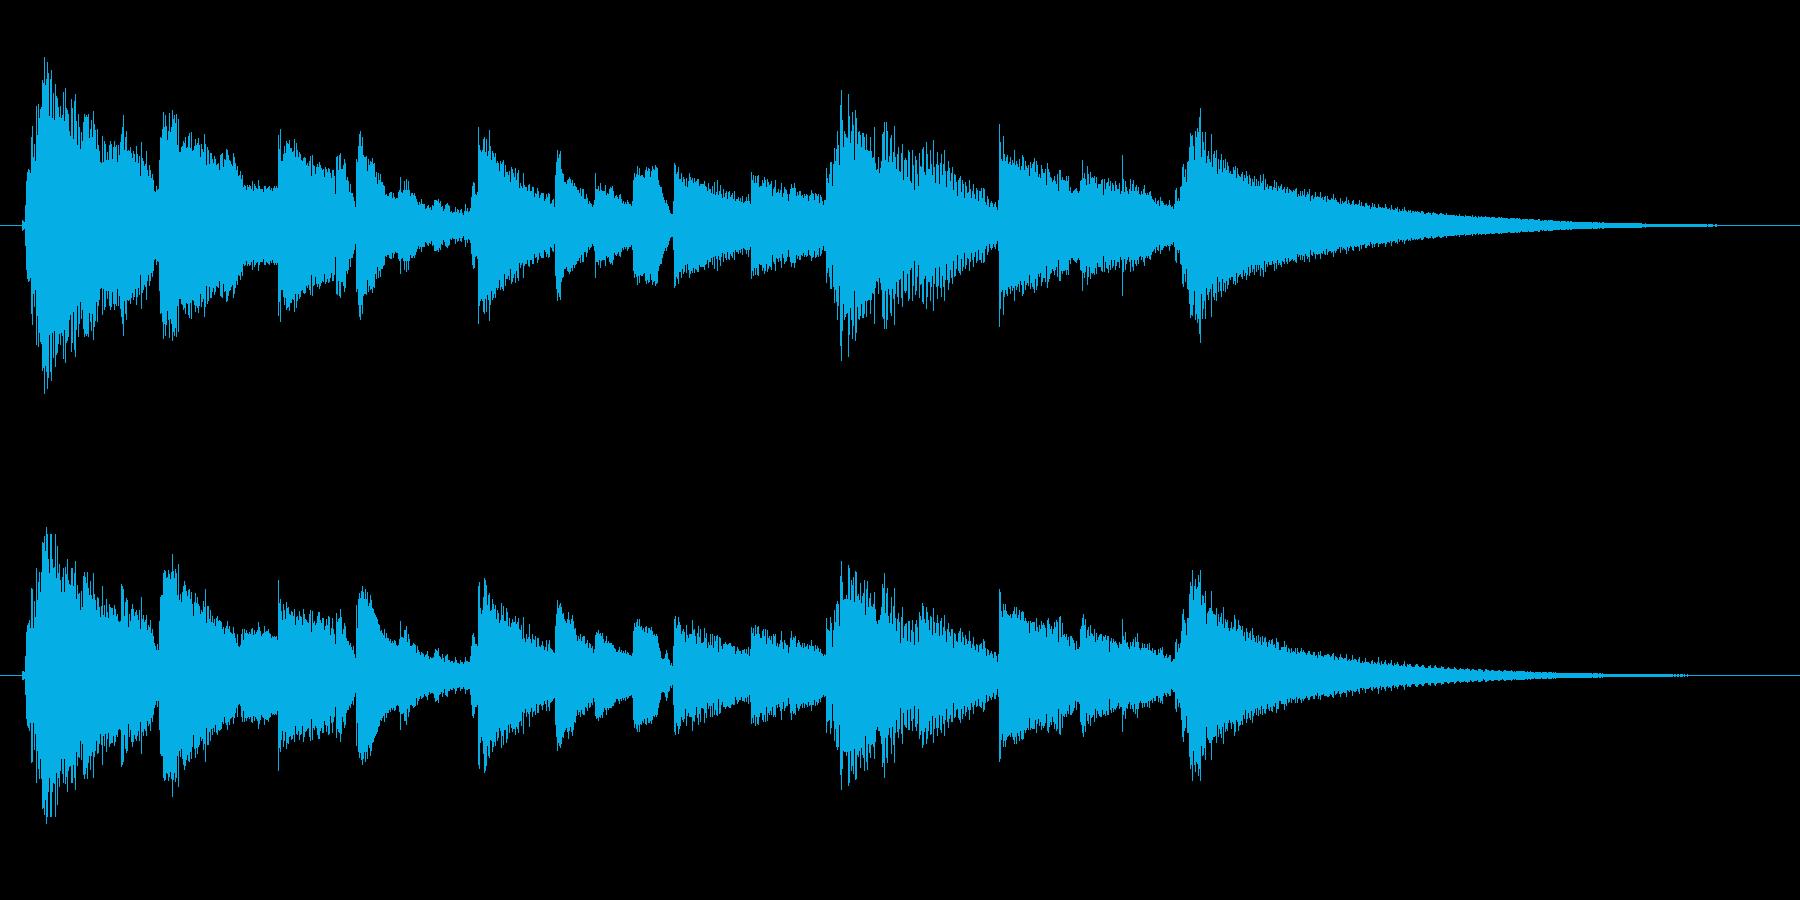 眠りと目覚めを連想させるサウンドロゴ4の再生済みの波形